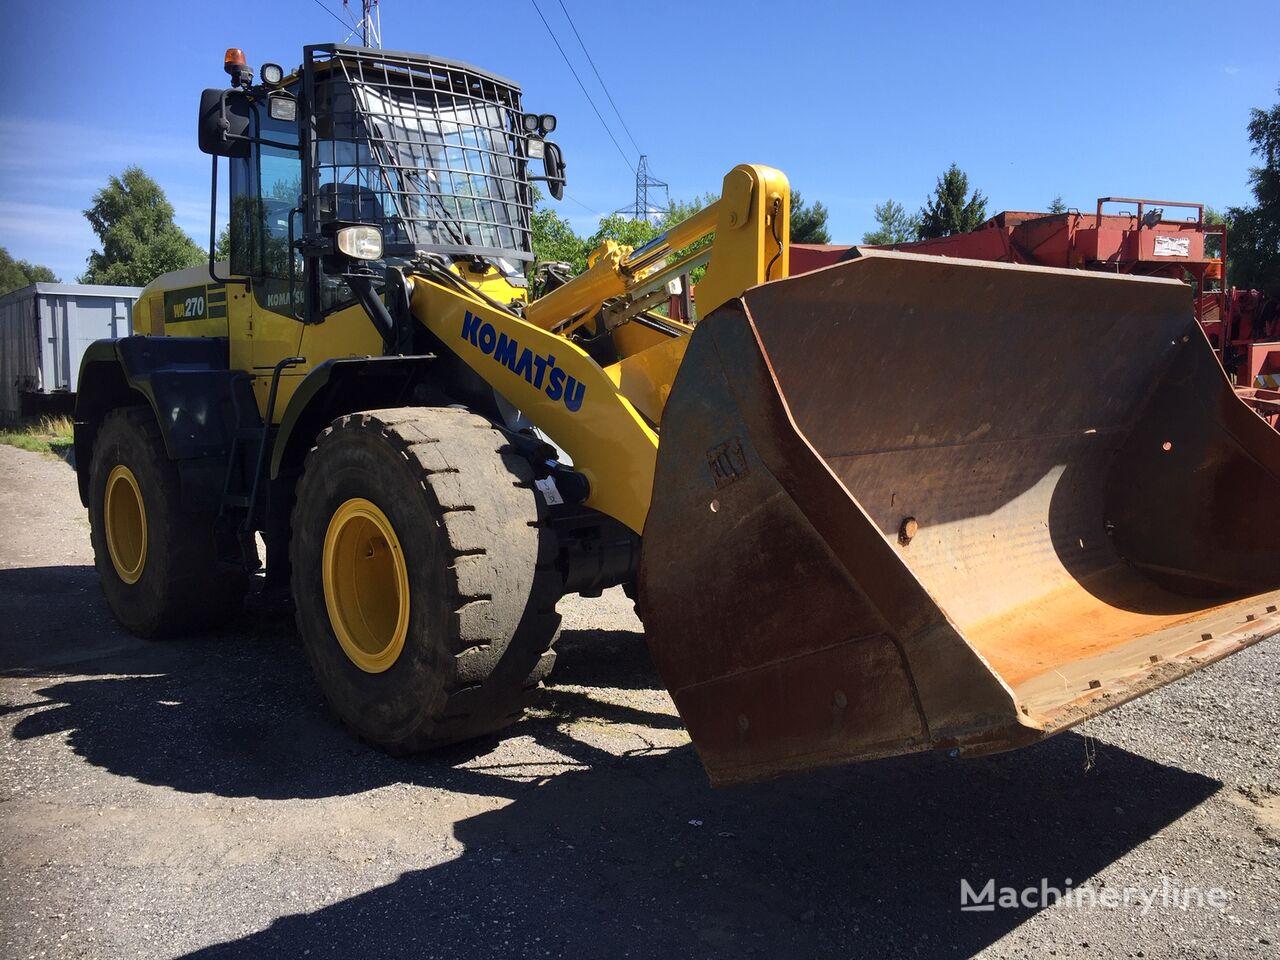 KOMATSU WA 270 -7 wheel loader